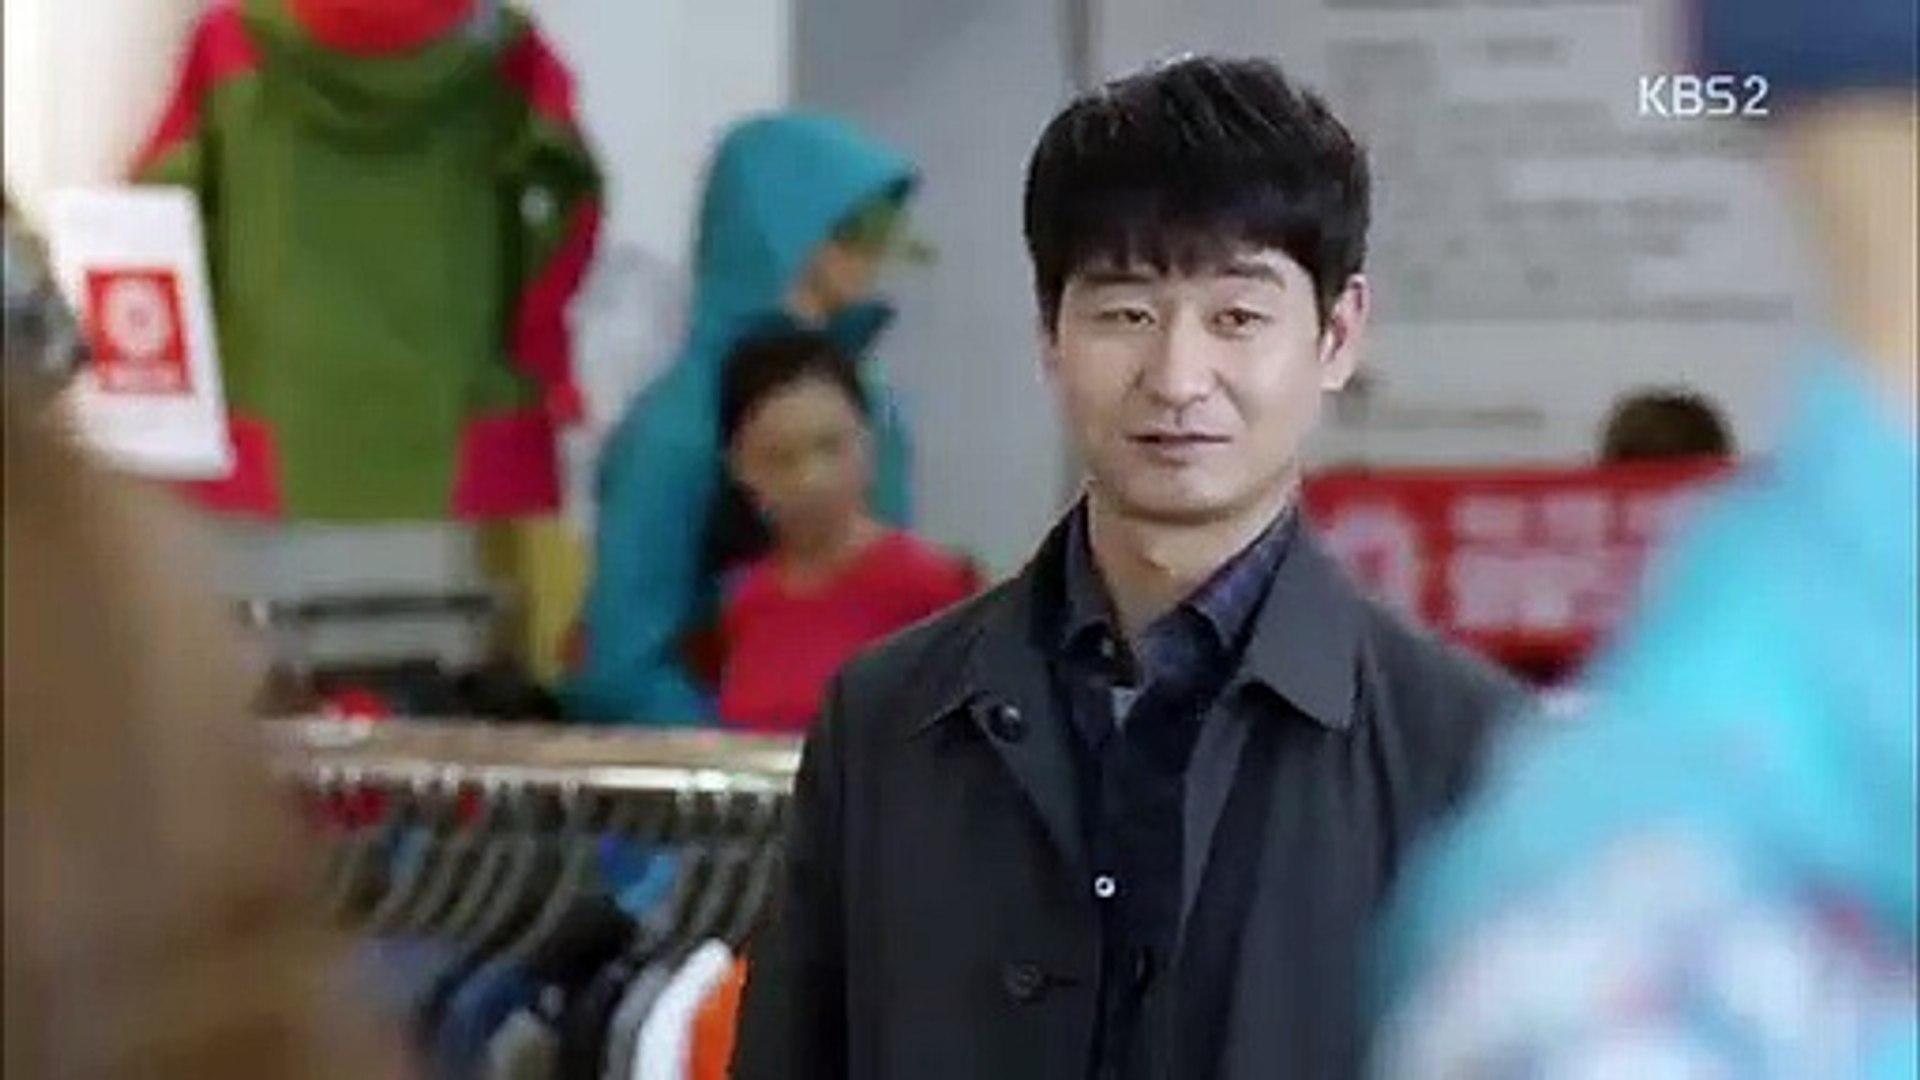 Nhà Không Cần Đàn Ông Tập 15 - HTV2 Lồng Tiếng - Phim Hàn Quốc - Phim nha khong can dan ong tap 16 -